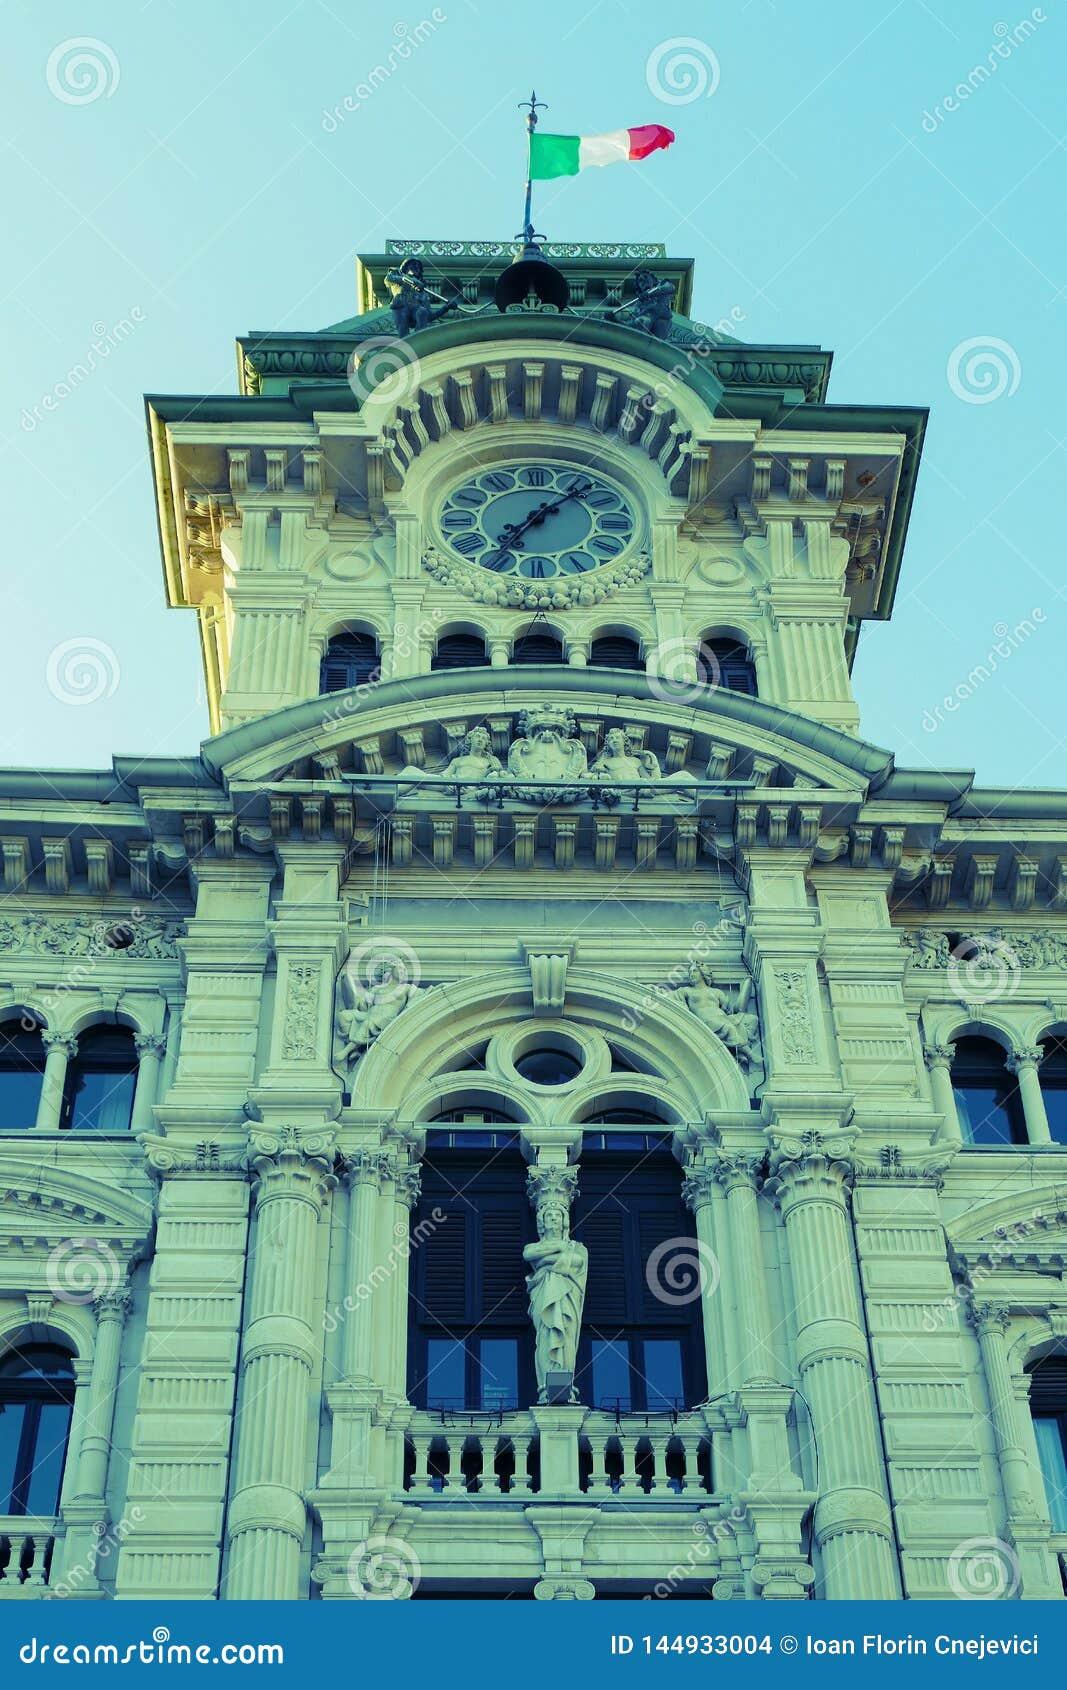 Detalle del reloj y del campanario viejos de la ciudad Hall Building en Trieste, Italia